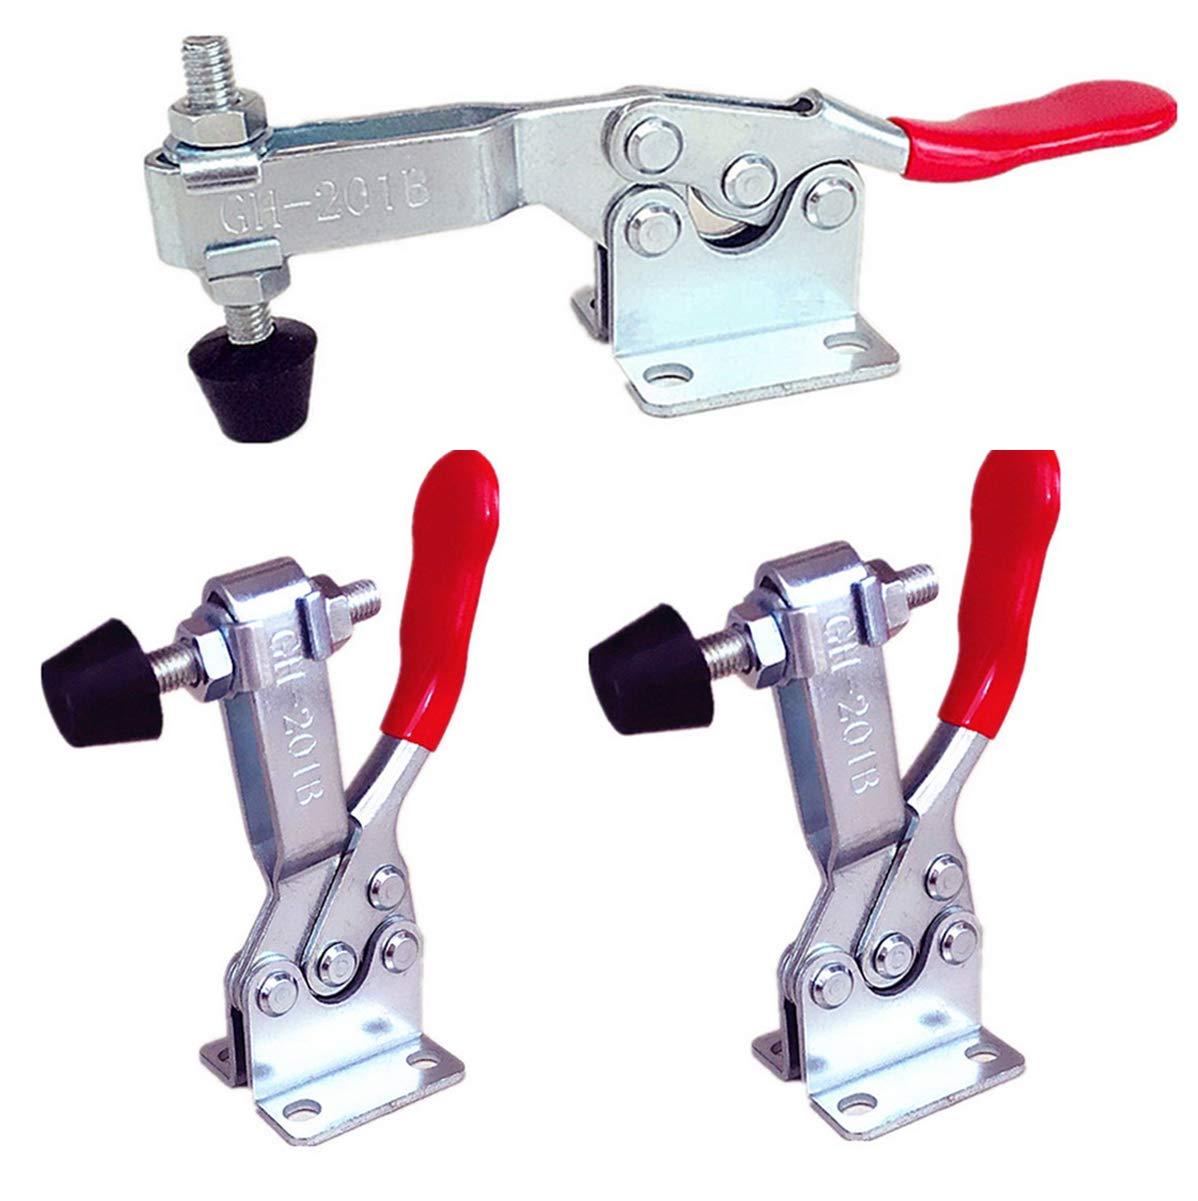 Liuer 3 outils à la main Rouge, 90kgs /198Lbs Tenir capacité Horizontaux à dégagement rapide, antidérapant barre de serrage Outil à Main Serrage à Genouillère/Toggle Clamp